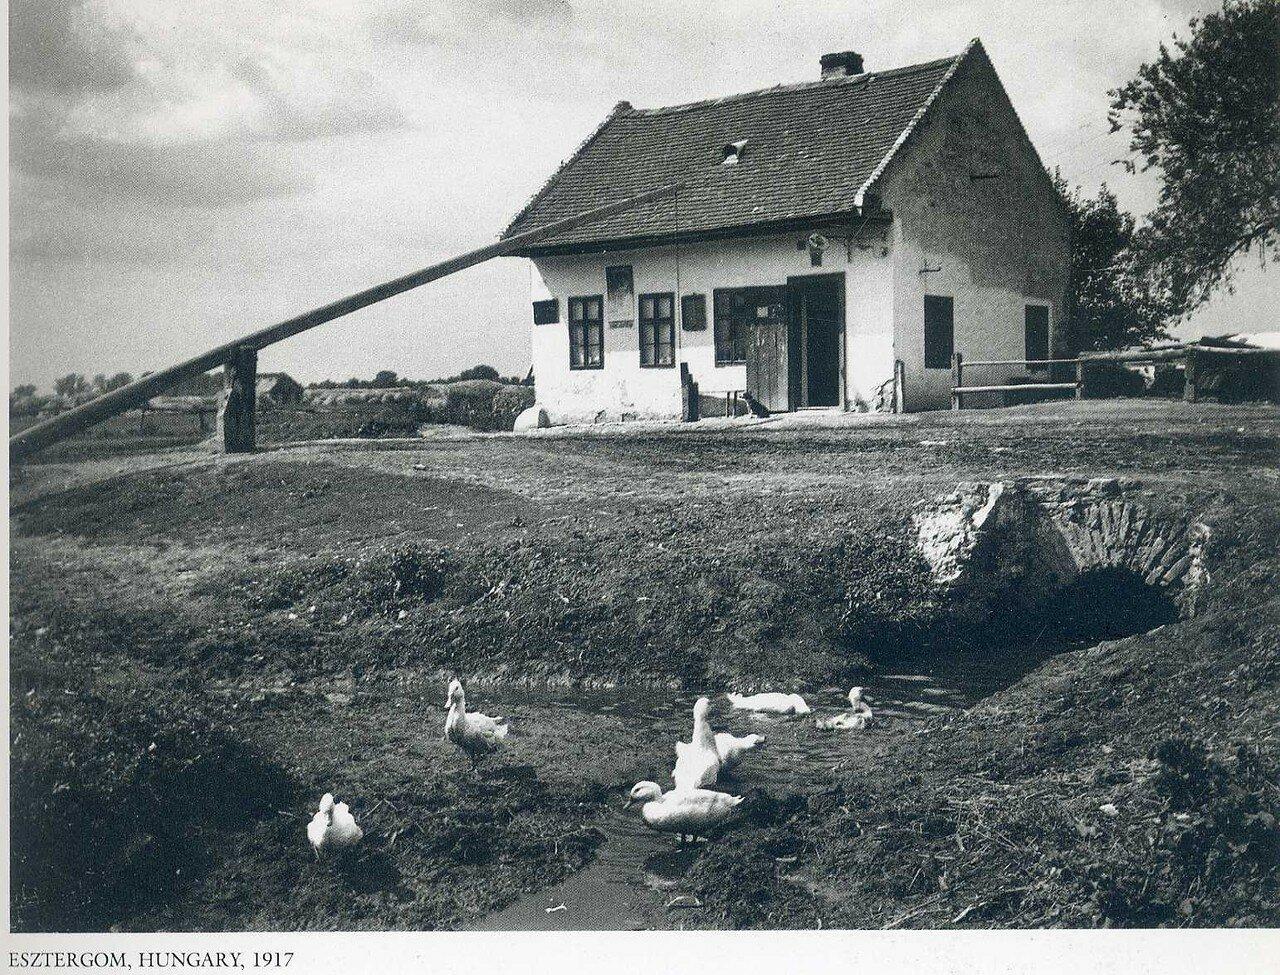 Эстергом, Венгрия, 1917